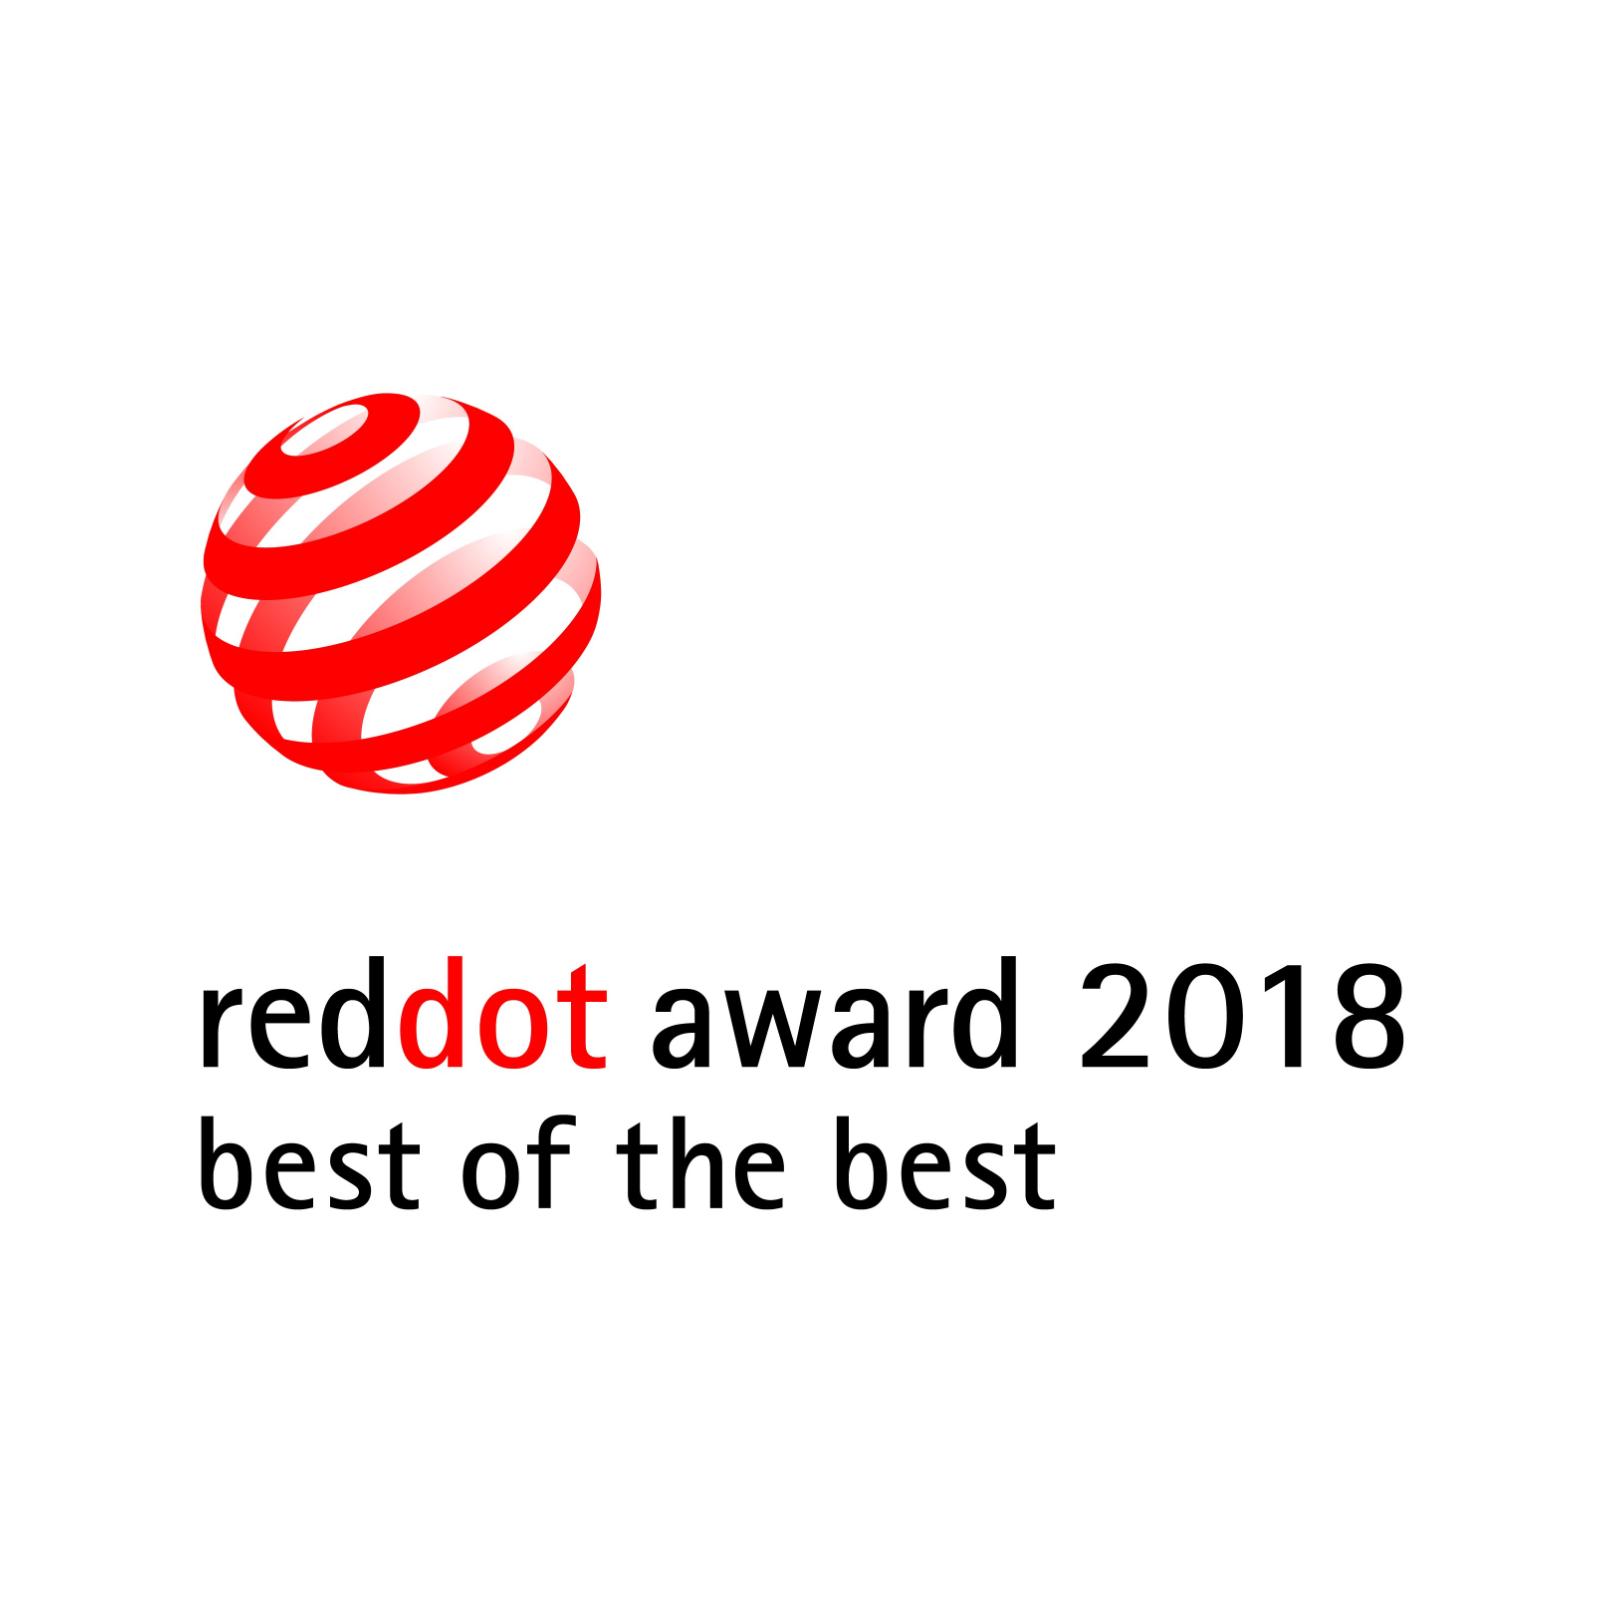 reddot award 2018 - best of the best